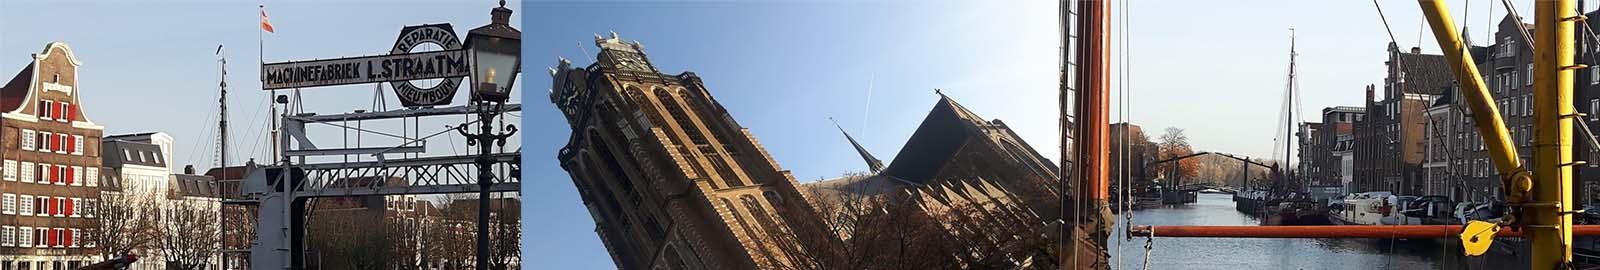 Dordrecht City Tour